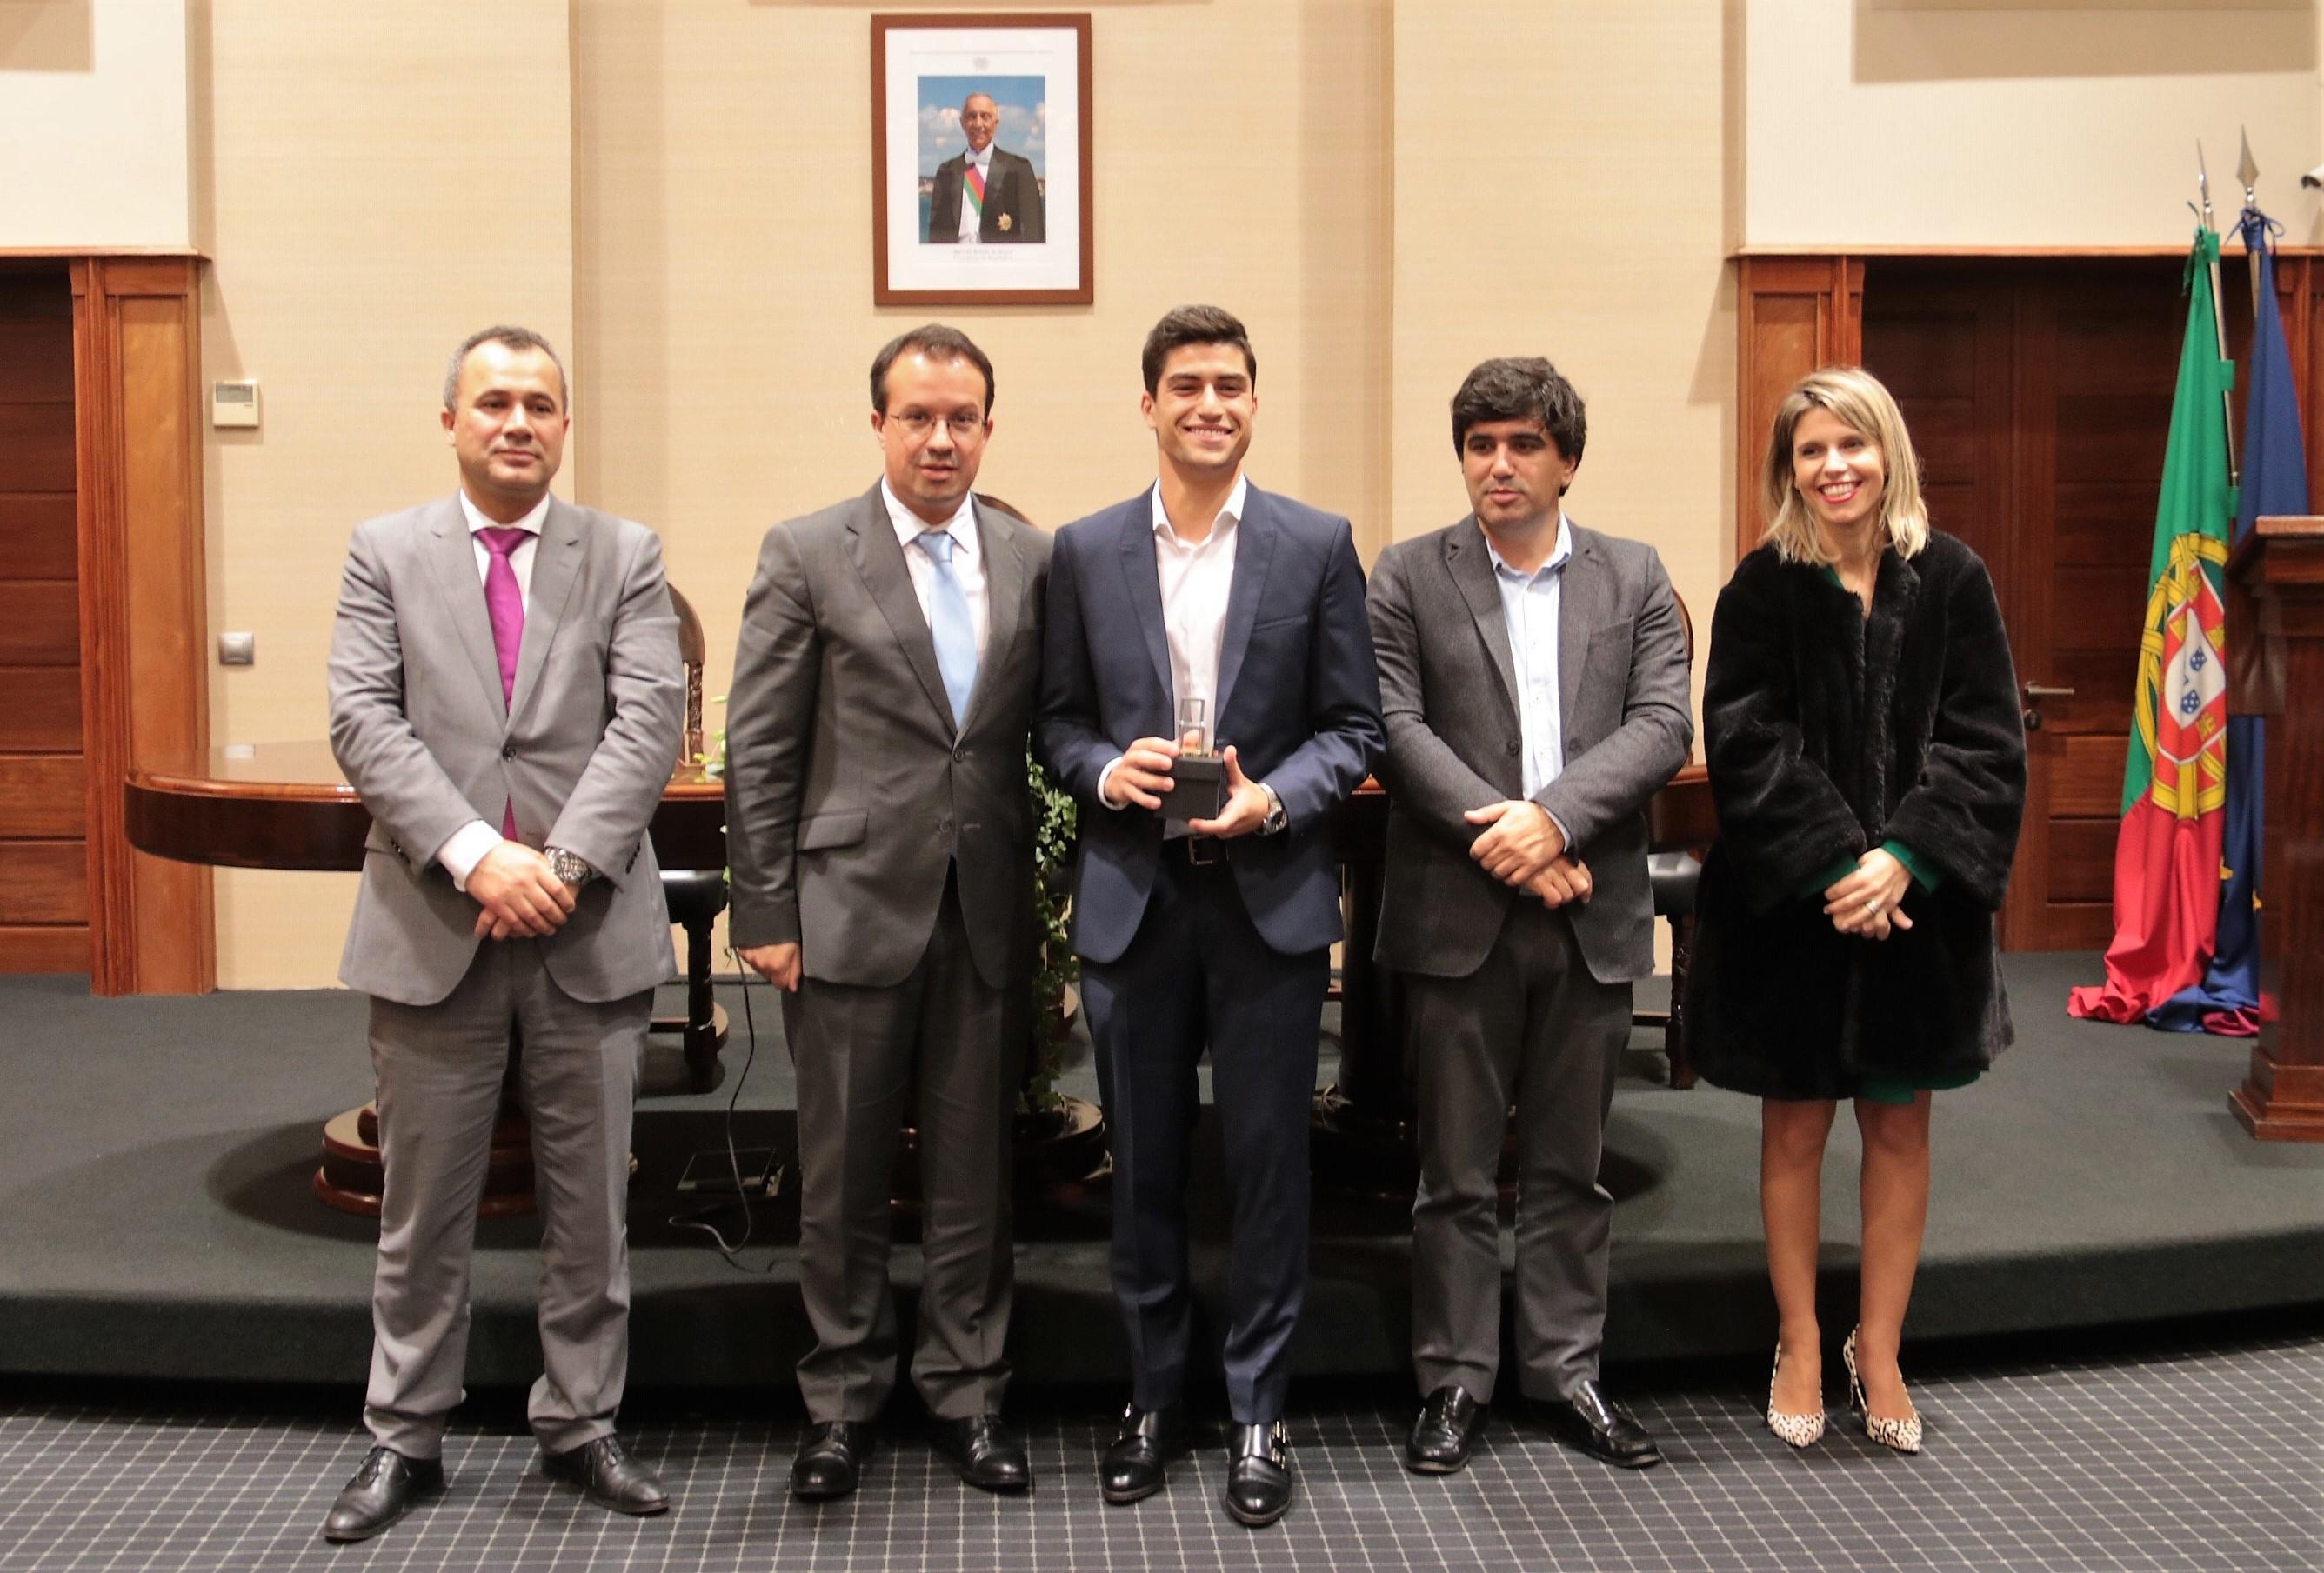 Tiago Teixeira recebido na Câmara Municipal de Paredes